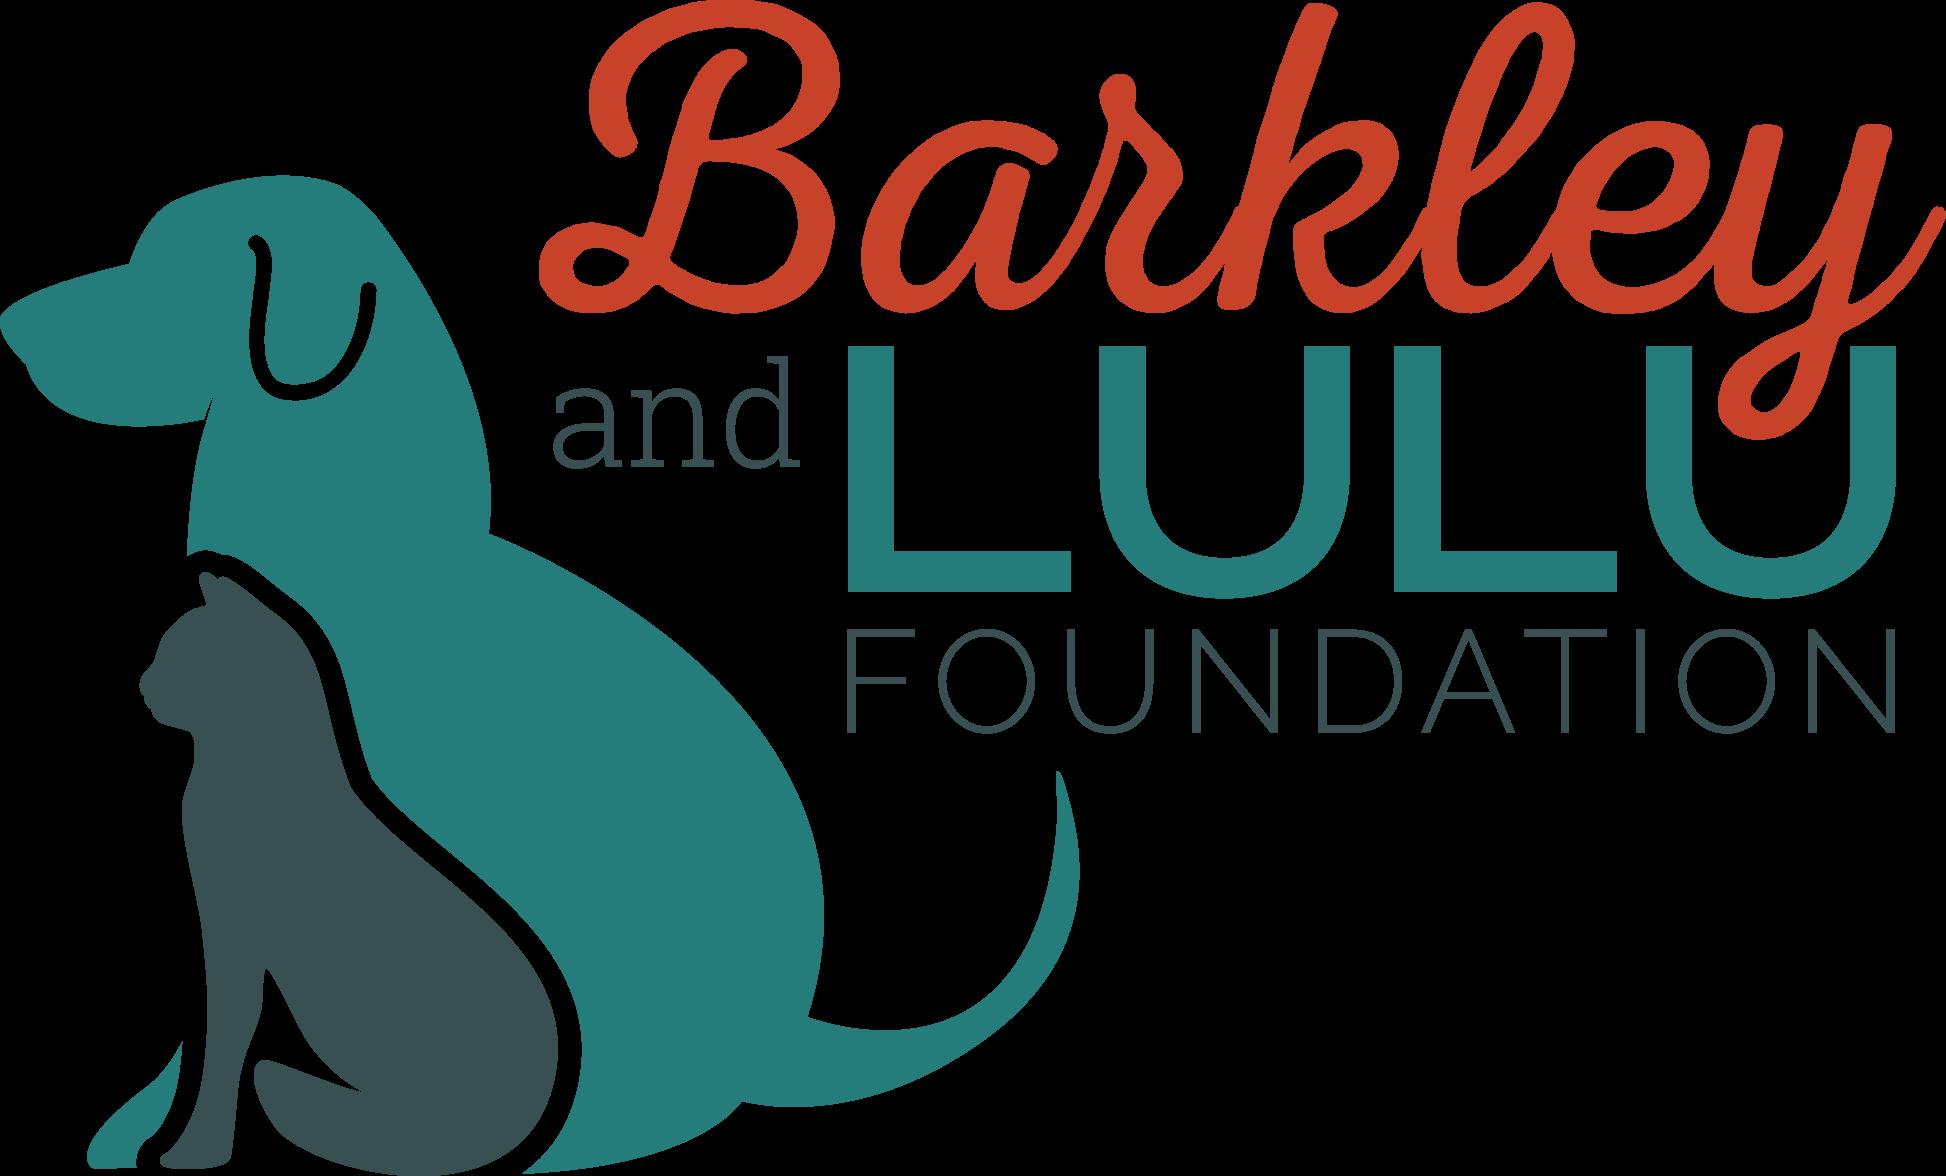 Barkley and LuLu